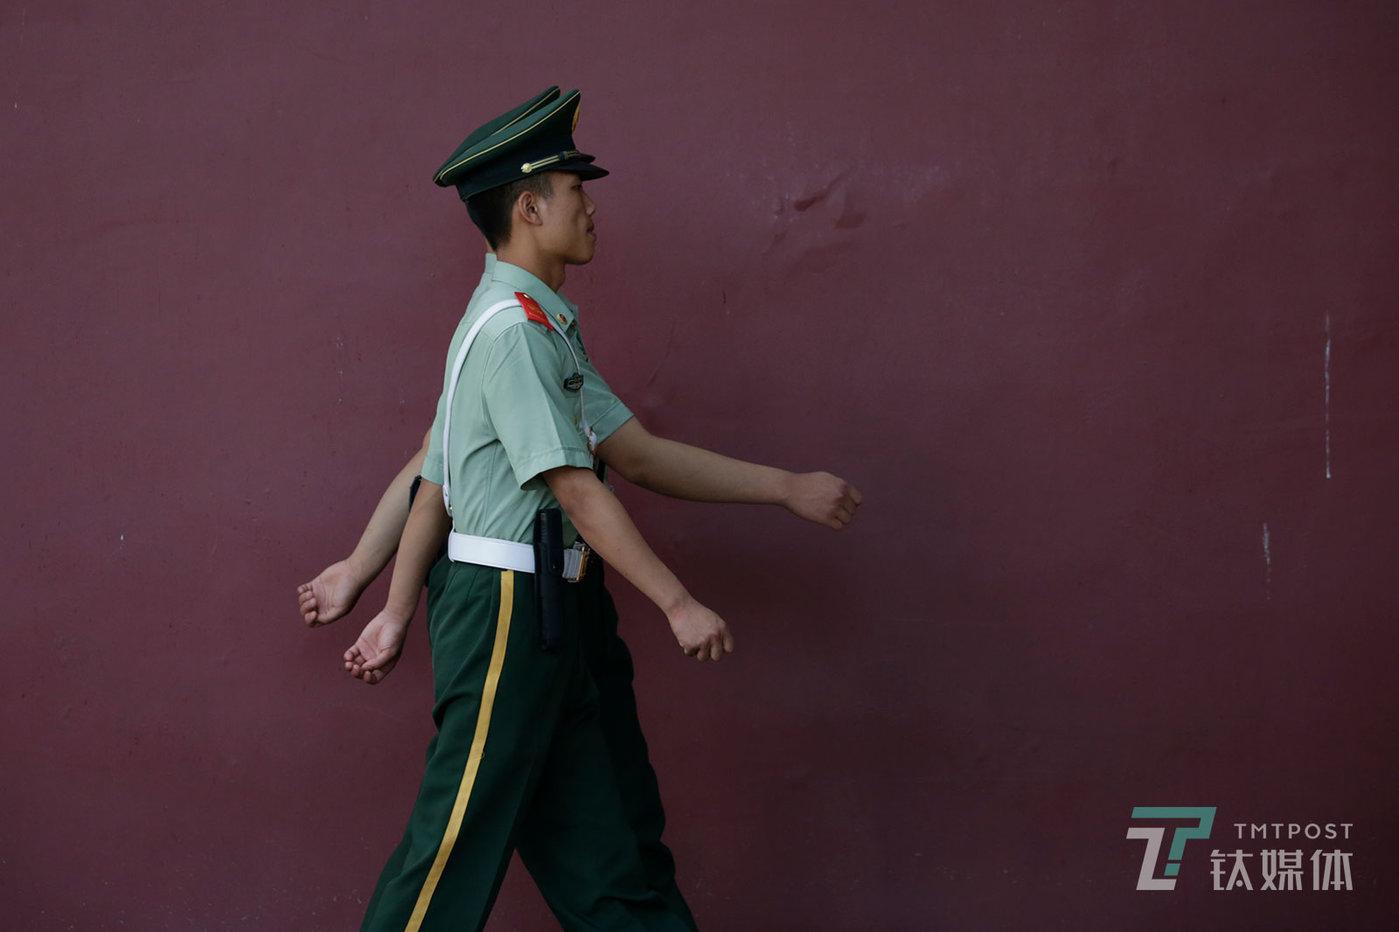 【巡逻】6月10日,北京,红墙下。